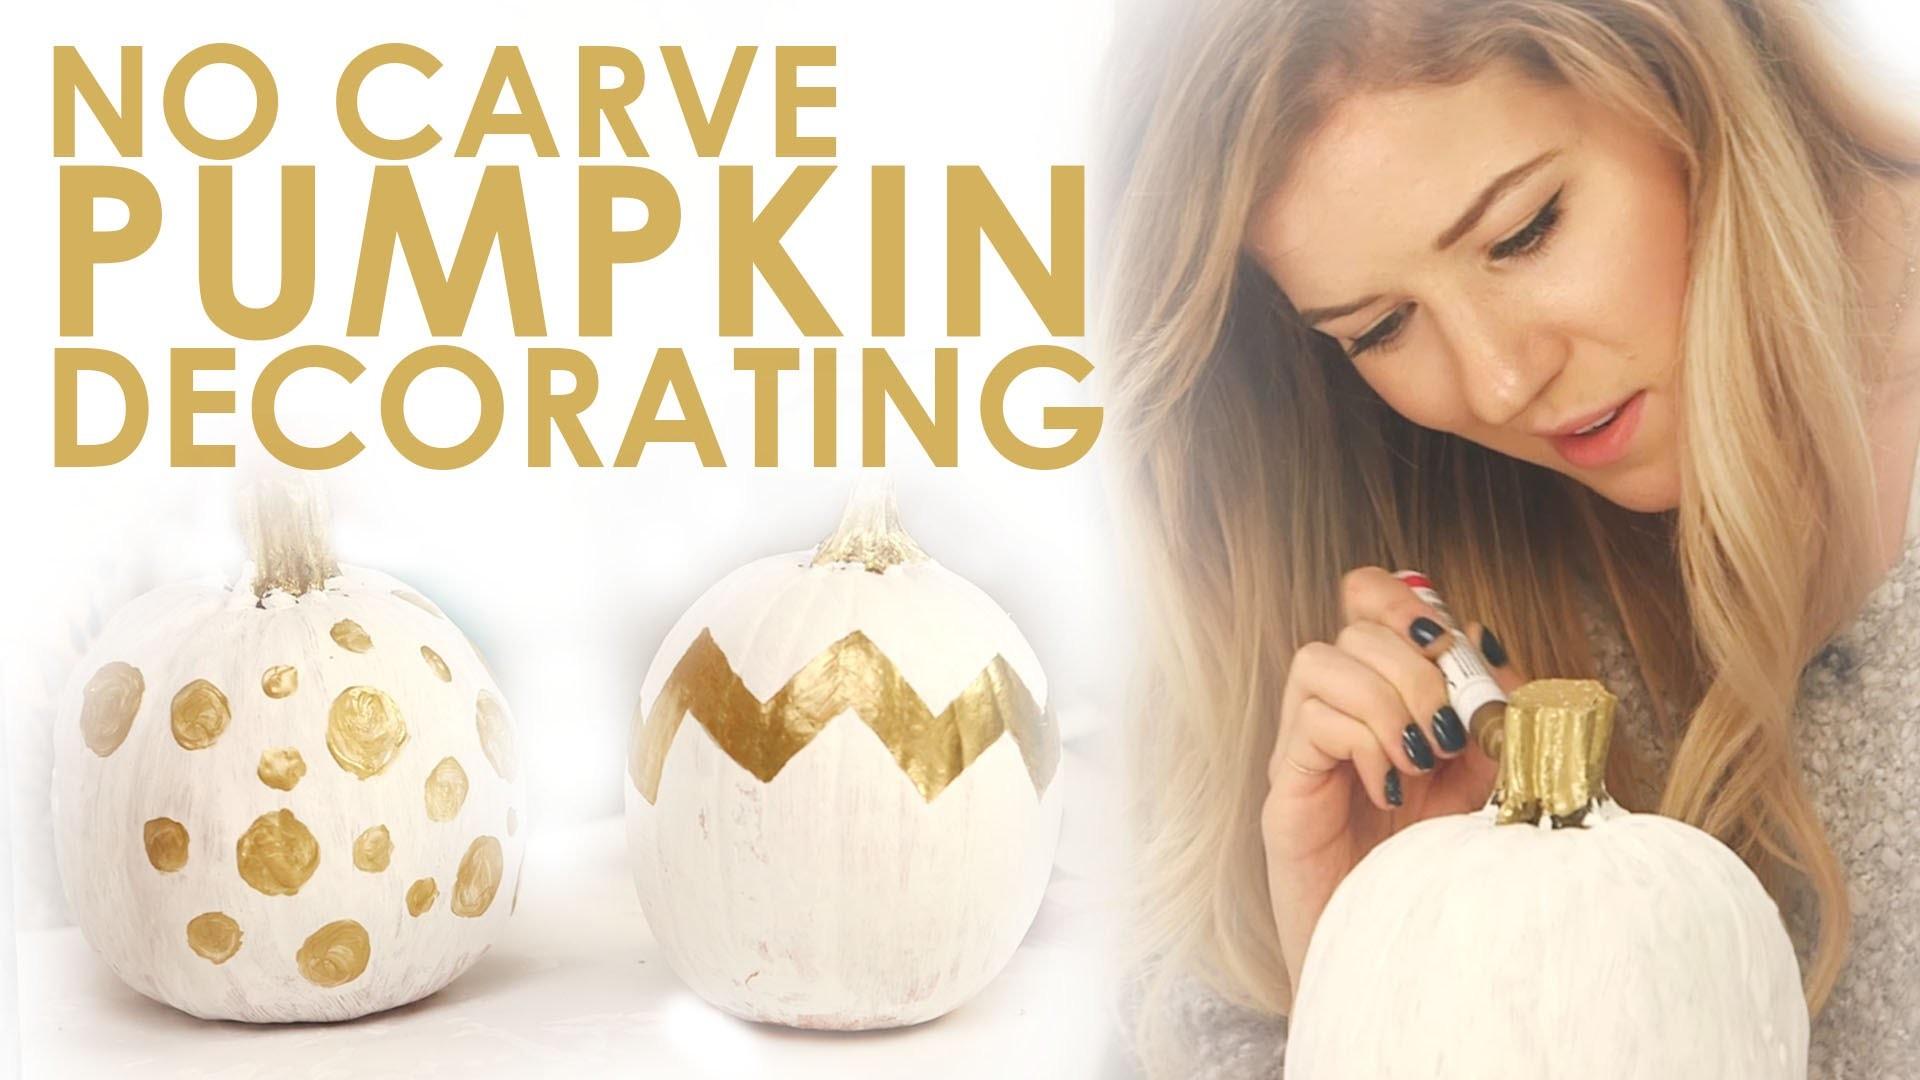 DIY No Carve Pumpkin Decorations for Fall!